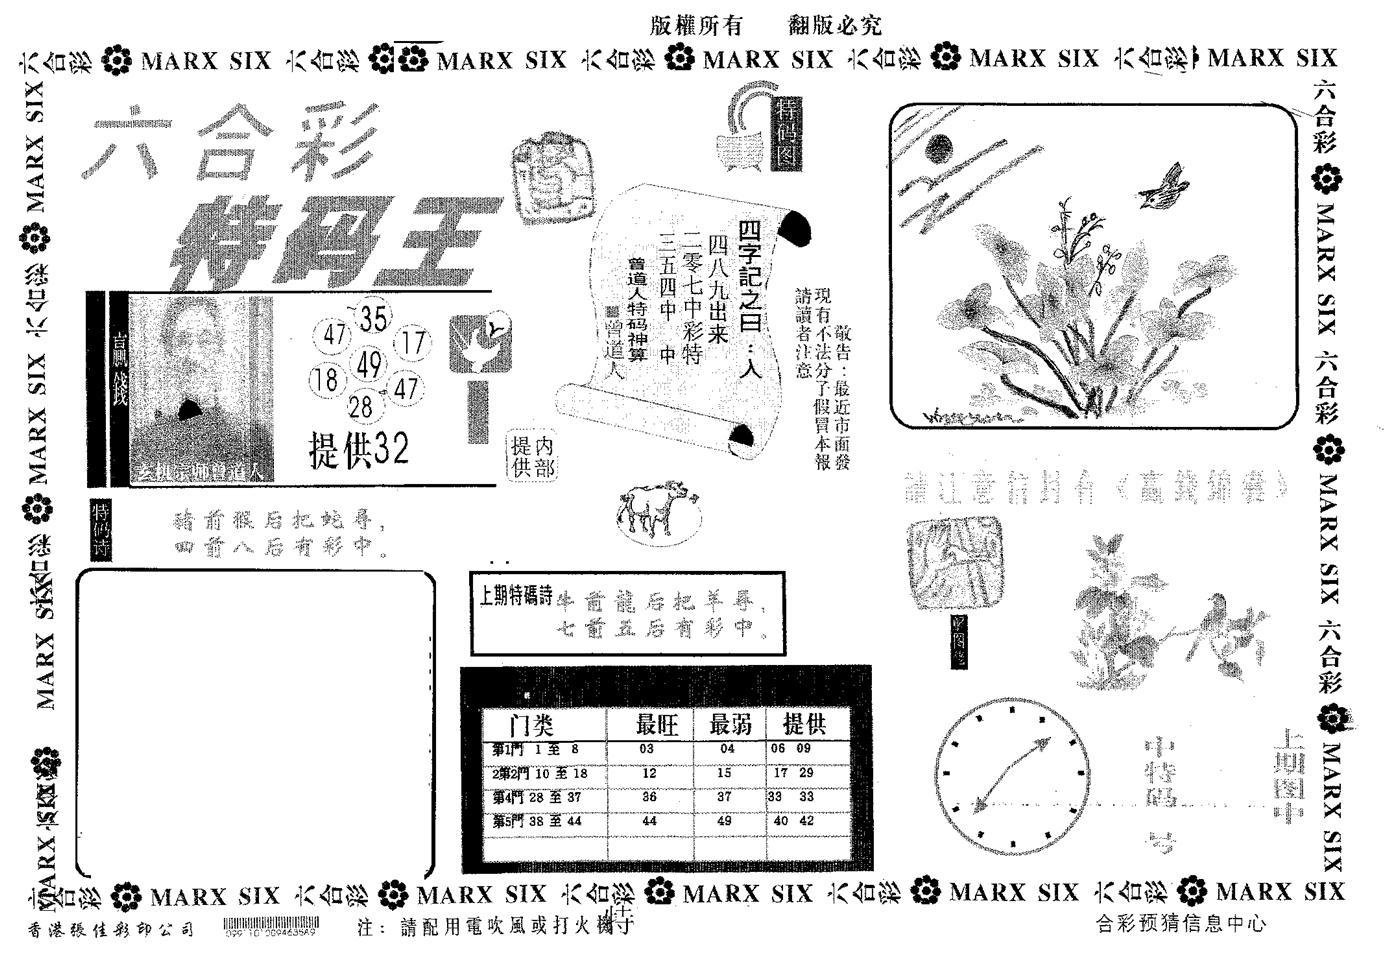 051期特码王A(黑白)